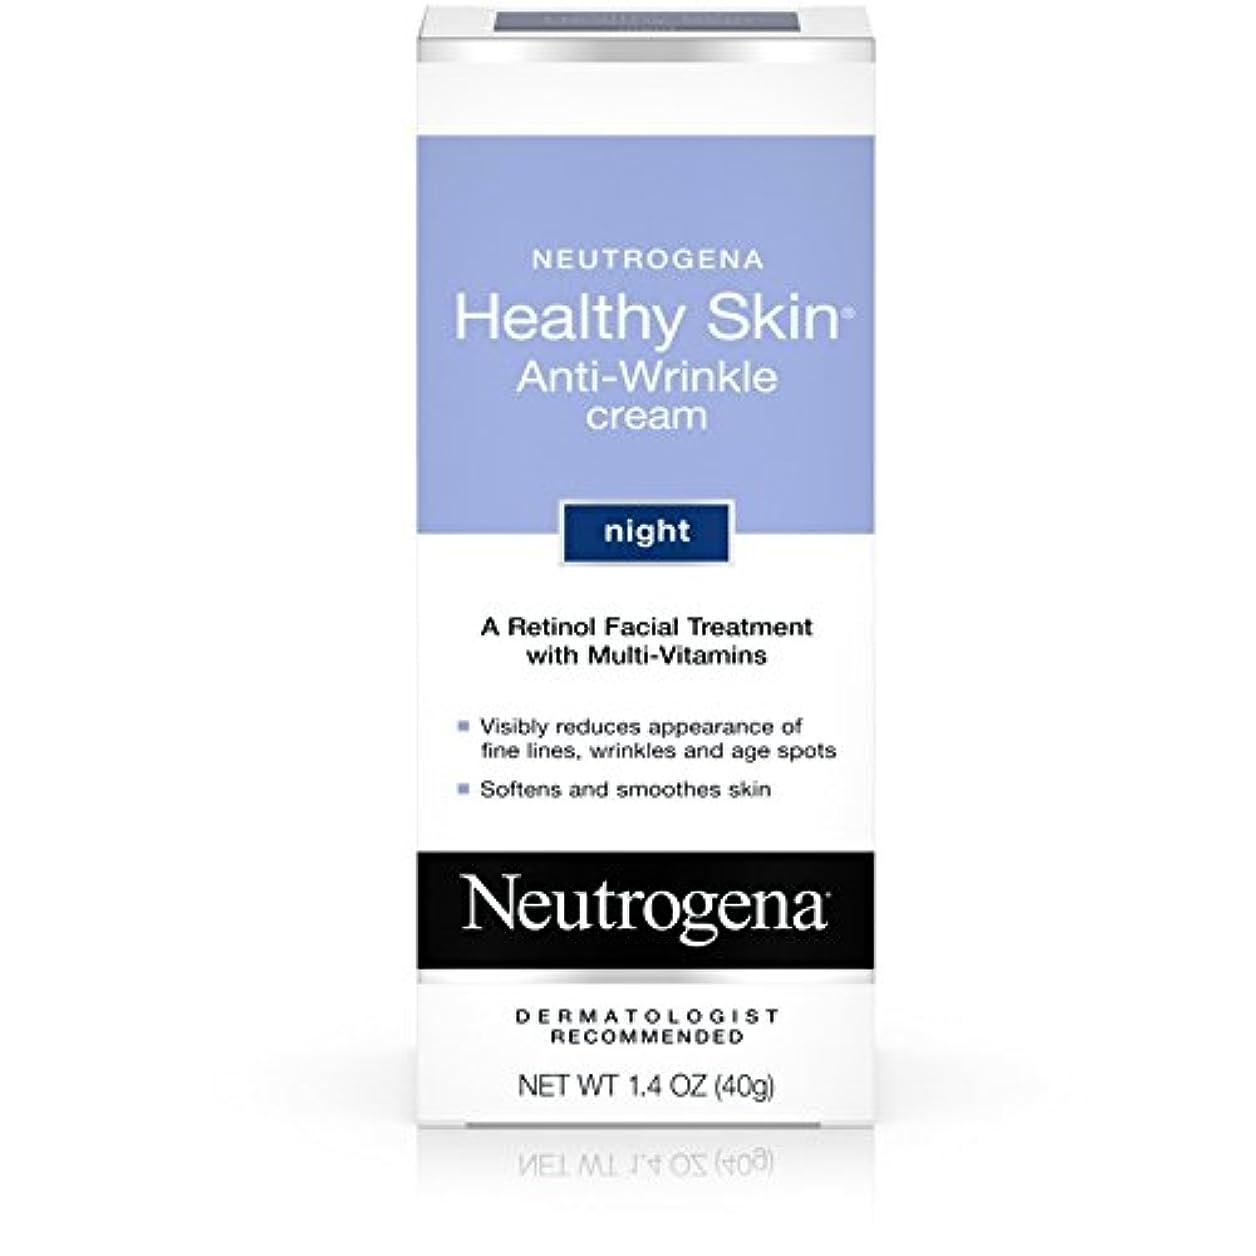 トーナメントシネウィしかしながら海外直送肘 Neutrogena Healthy Skin Anti-Wrinkle Night Cream, 1.4 oz